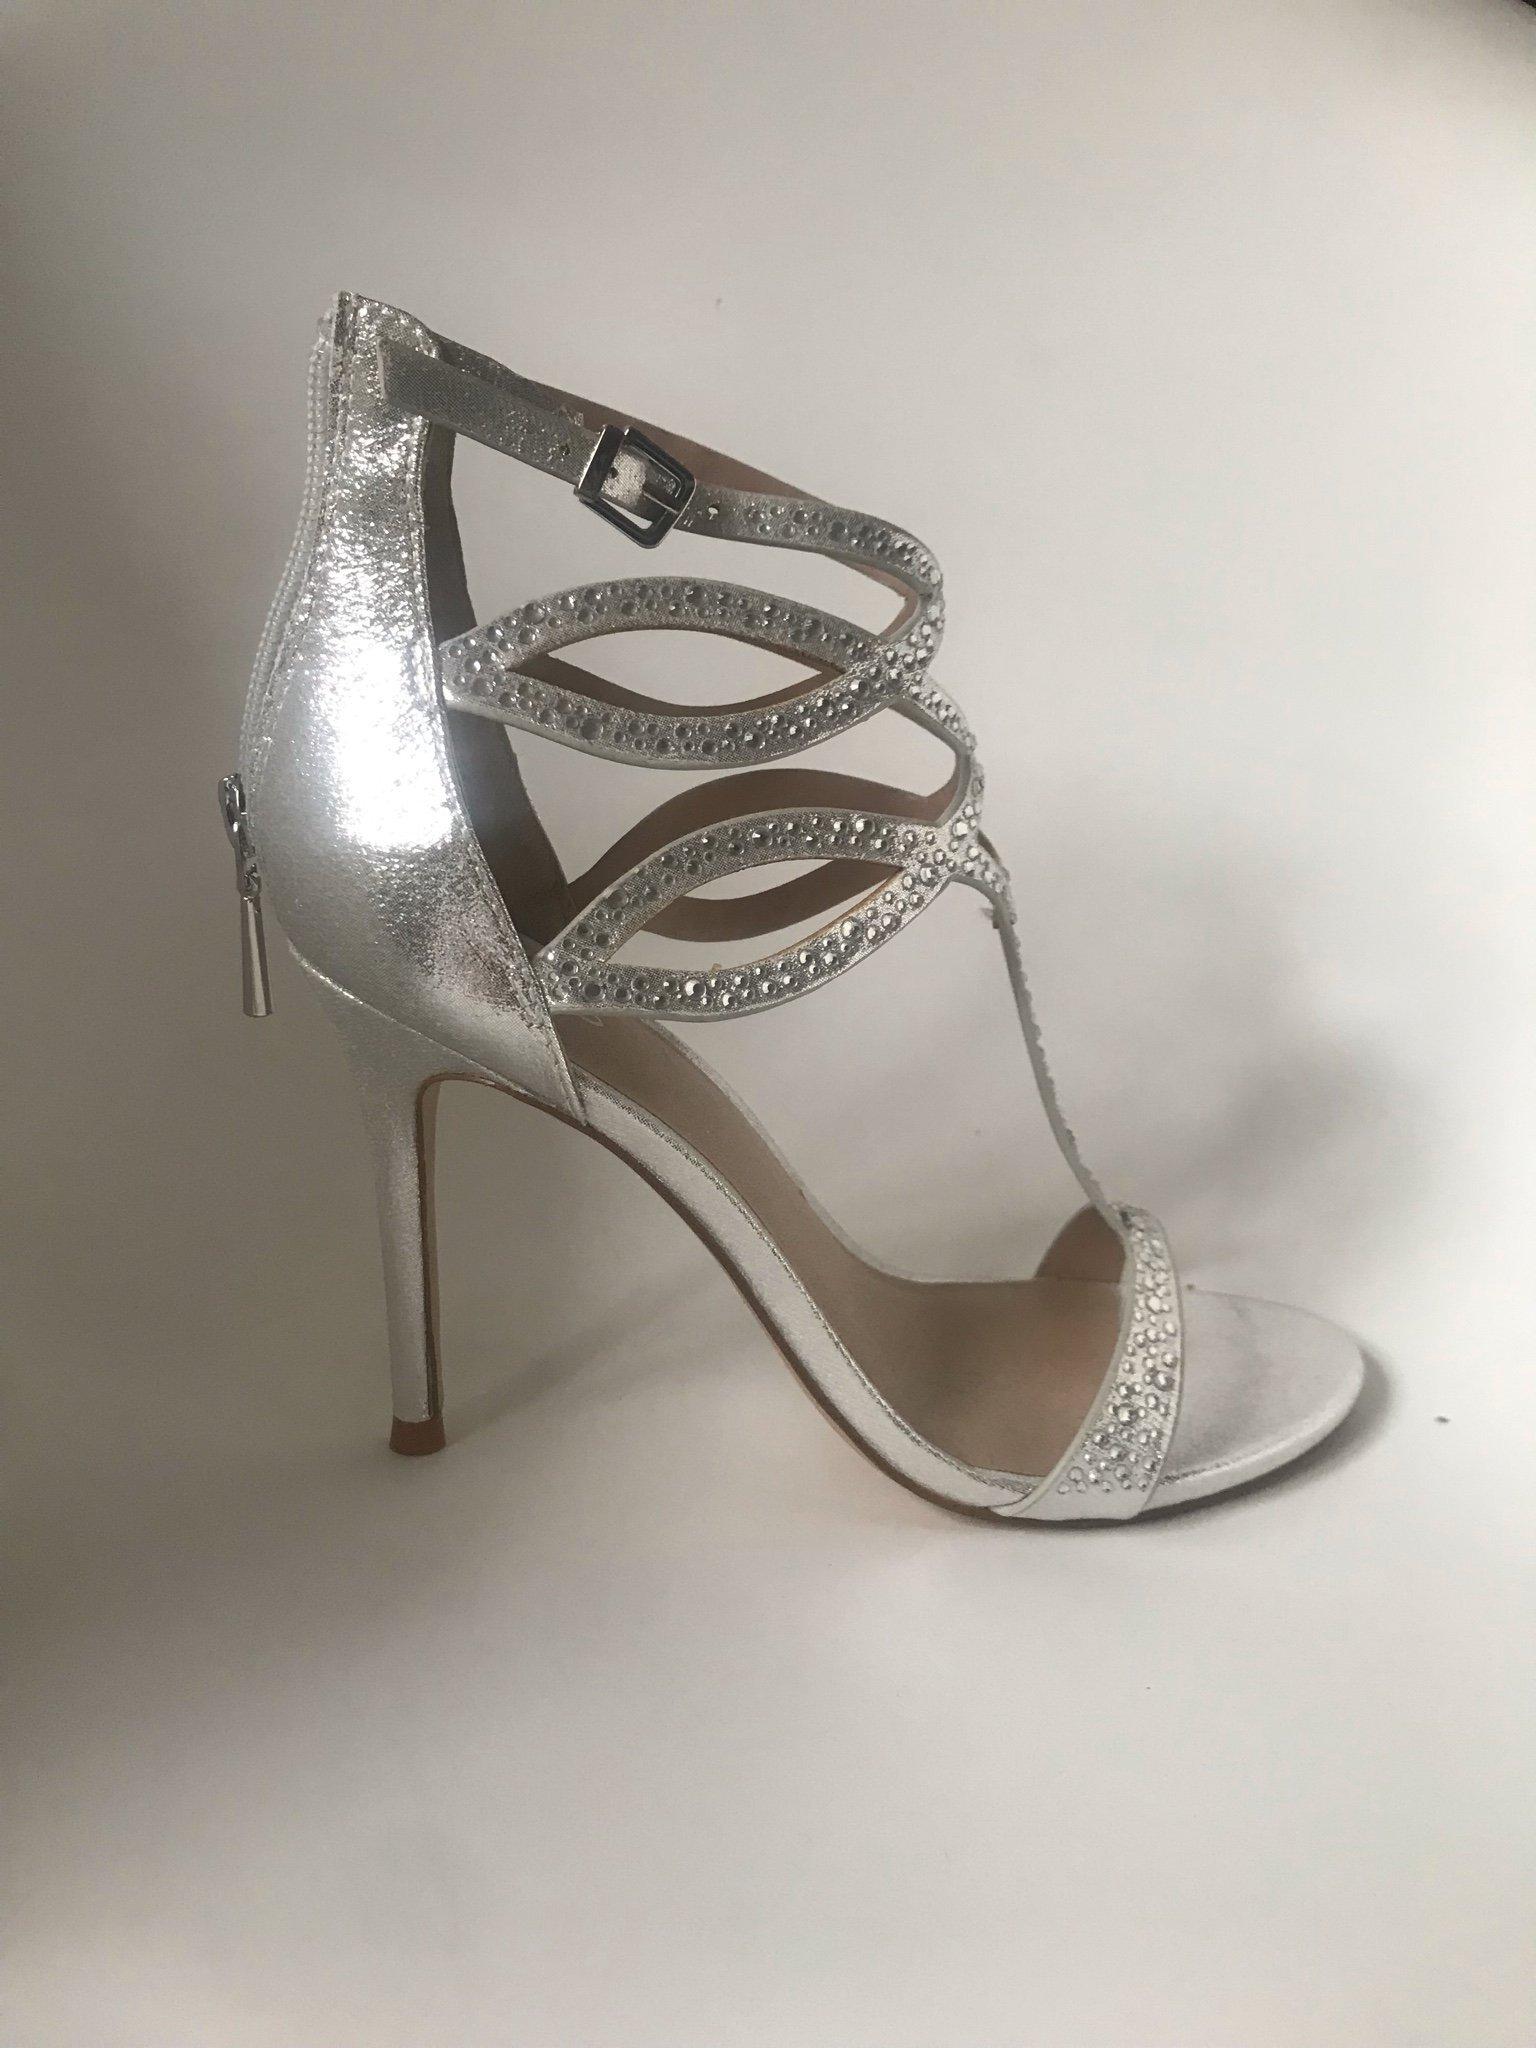 8c0217b32eb Silvriga sandaletter med strass (354251950) ᐈ Köp på Tradera